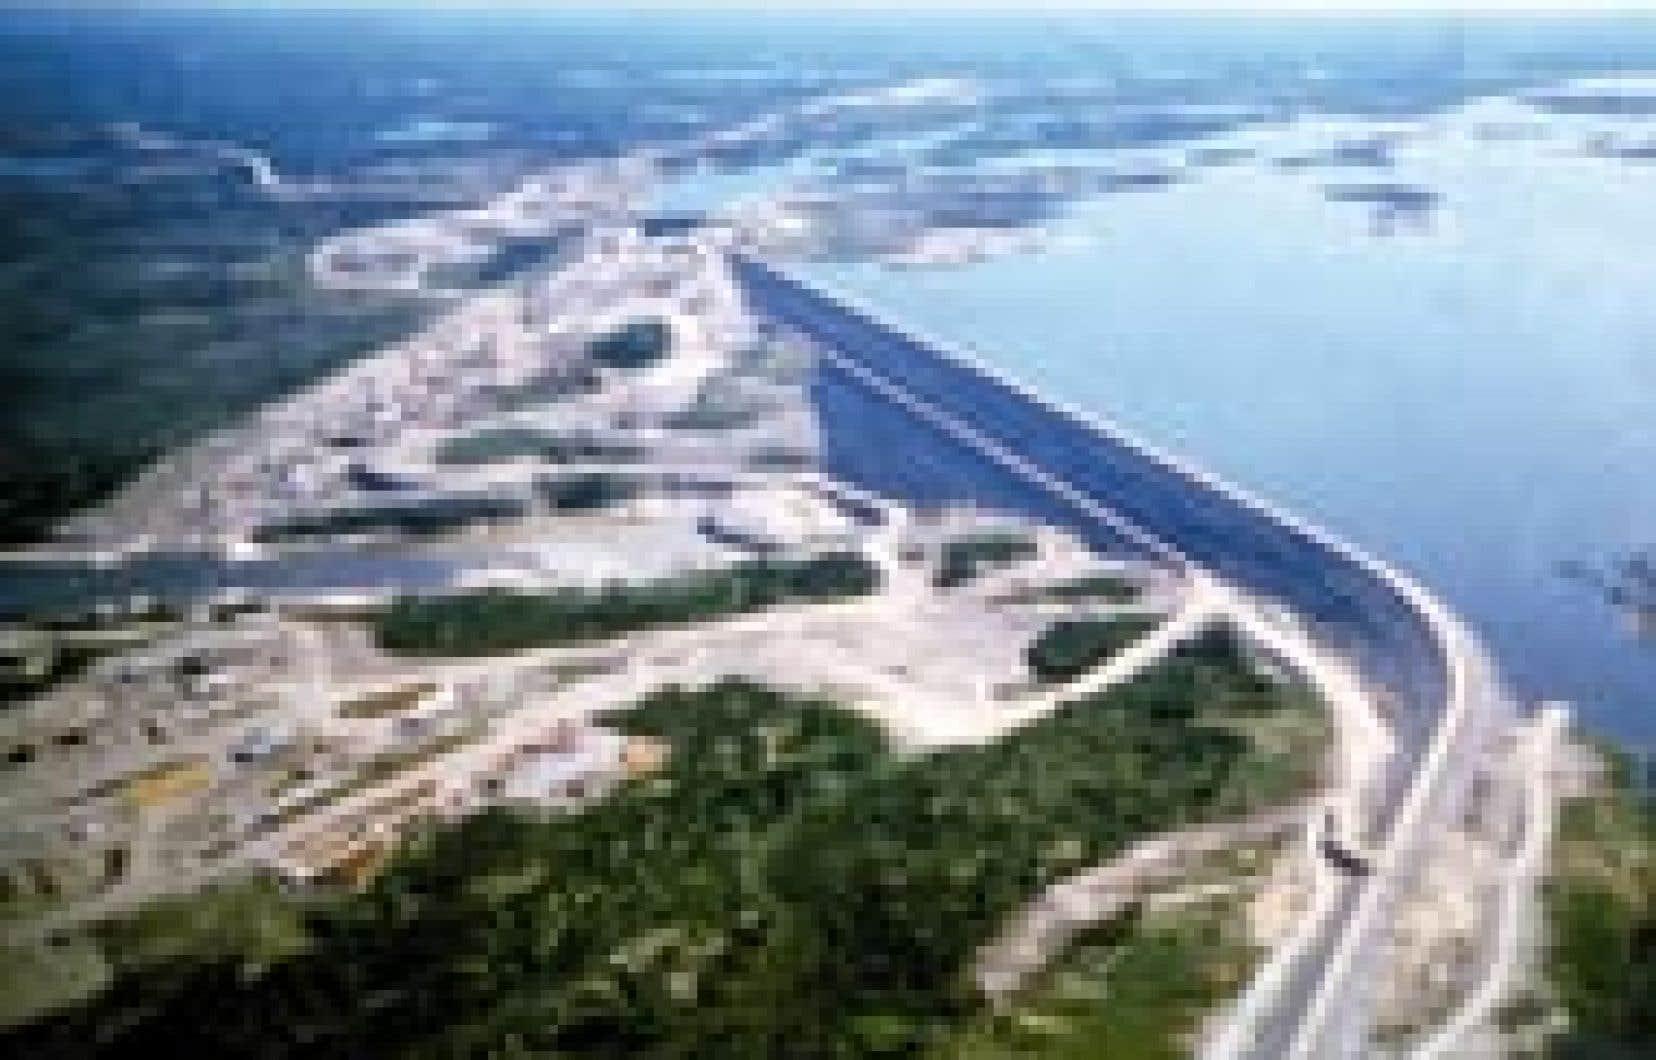 Photo: source hydro-Québec - Le barrage LG-2 sur la rivière La Grande. Les réservoirs d'Hydro-Québec émettent de grandes quantités de gaz à effet de serre que le Québec ne comptabilise pas encore.